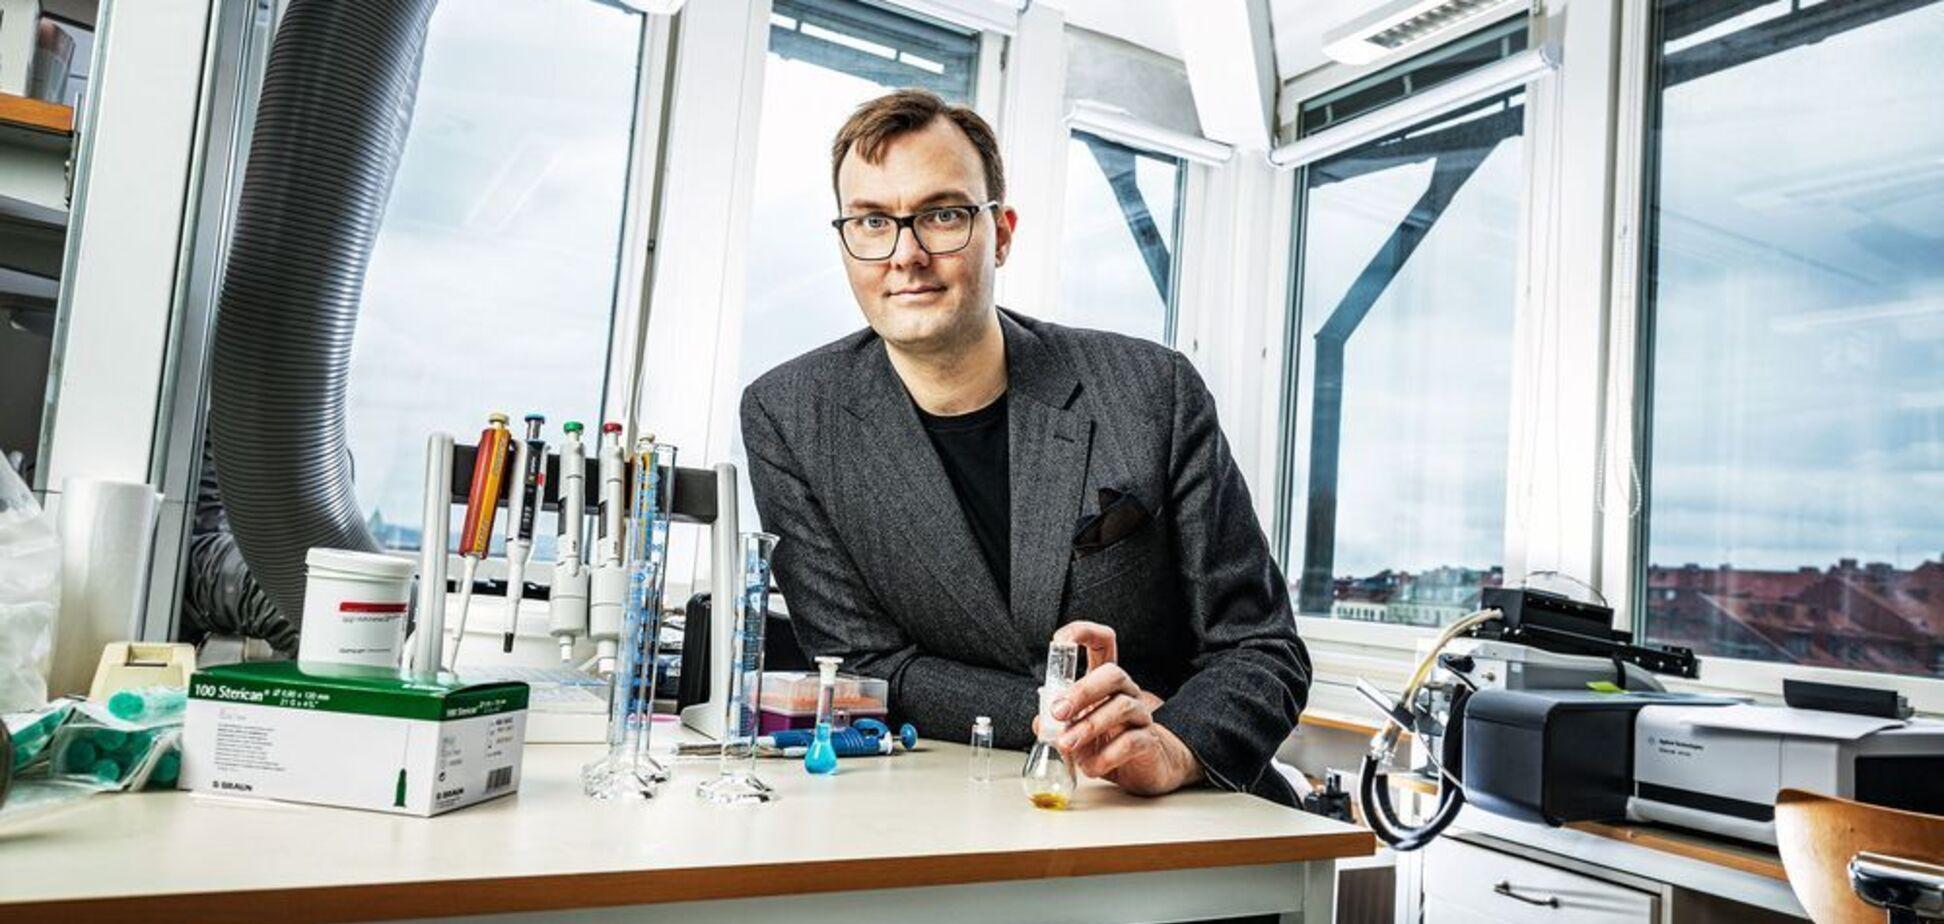 Вчені у Швеції знайшли новий спосіб видобутку й зберігання сонячної енергії